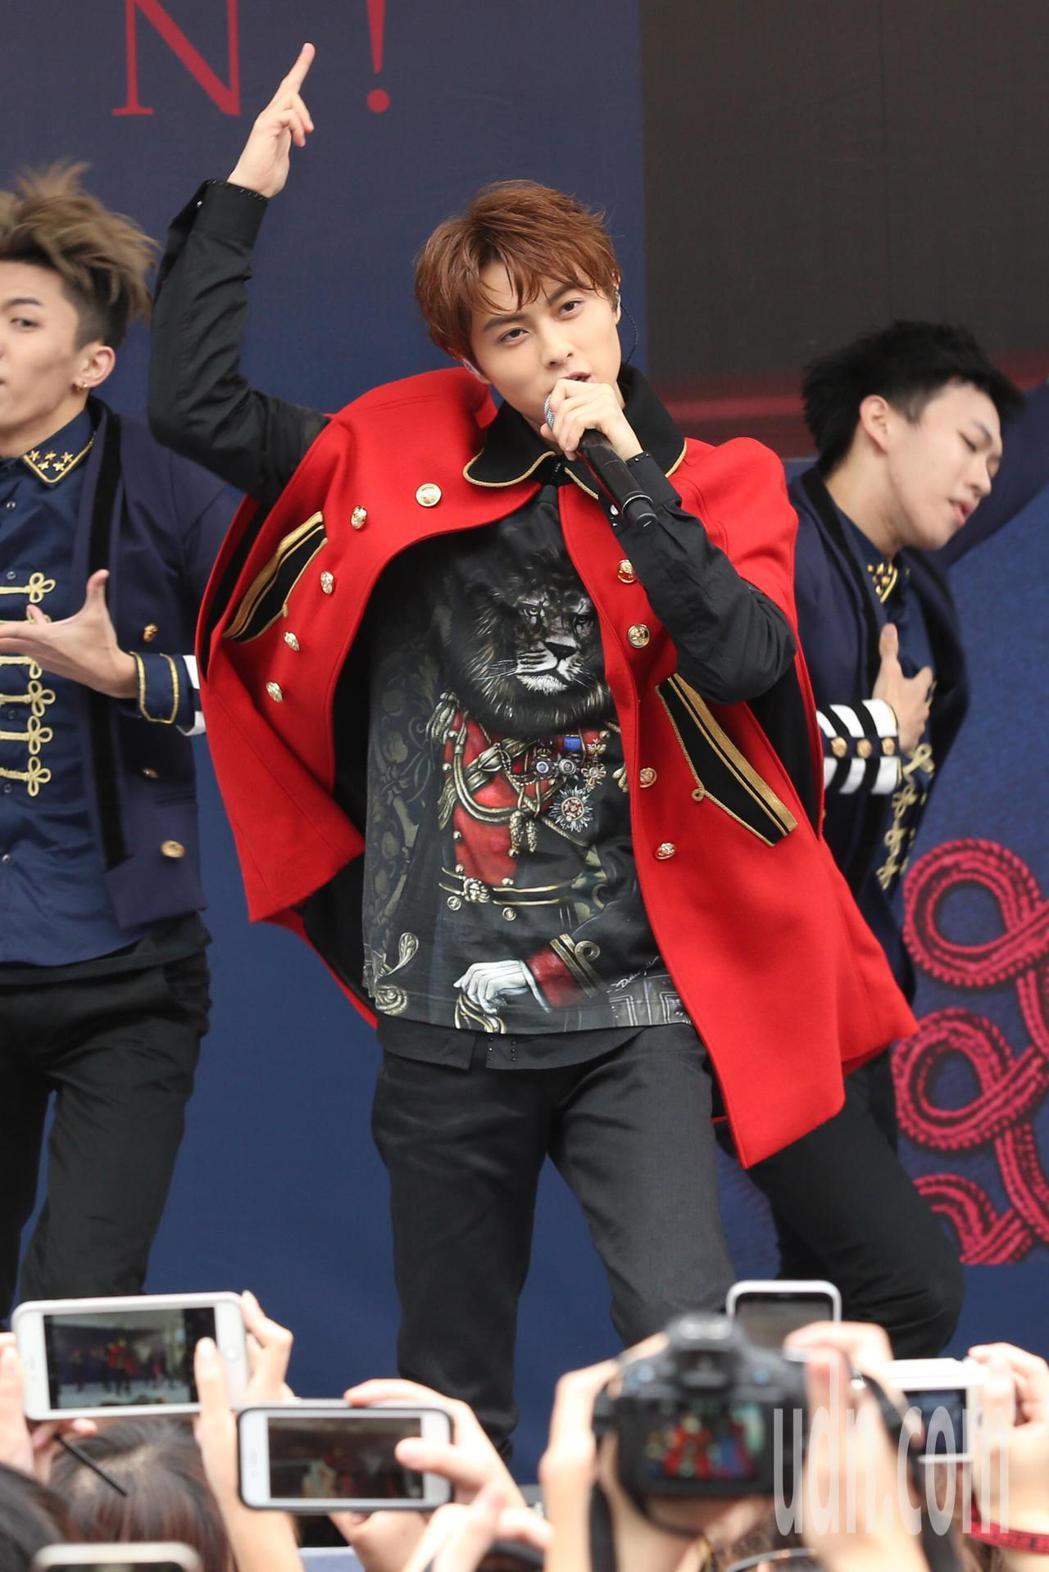 王子邱勝翊下午在台北西門町舉辦《Attention!》簽唱會,現場帶來最新唱跳歌...